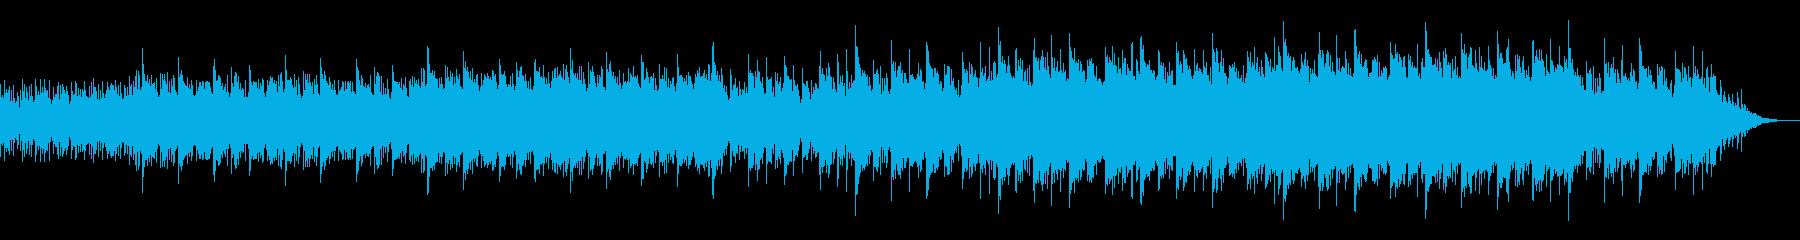 企業映像11C ドラム無し、光輝く未来の再生済みの波形